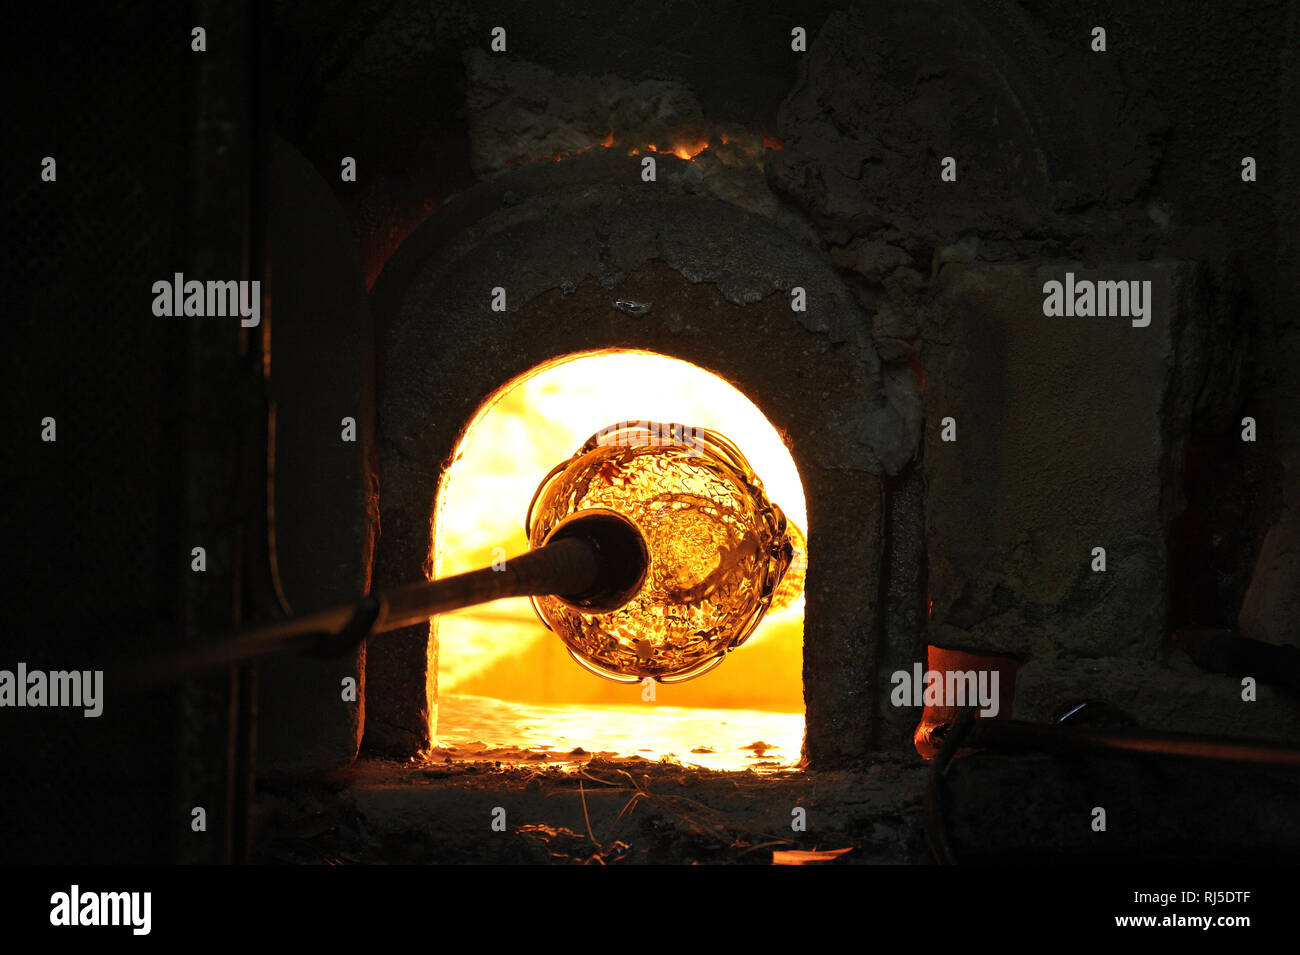 Traditionell hergestelltes Glasgefäß wird im erhitzt Brennofen Immagini Stock